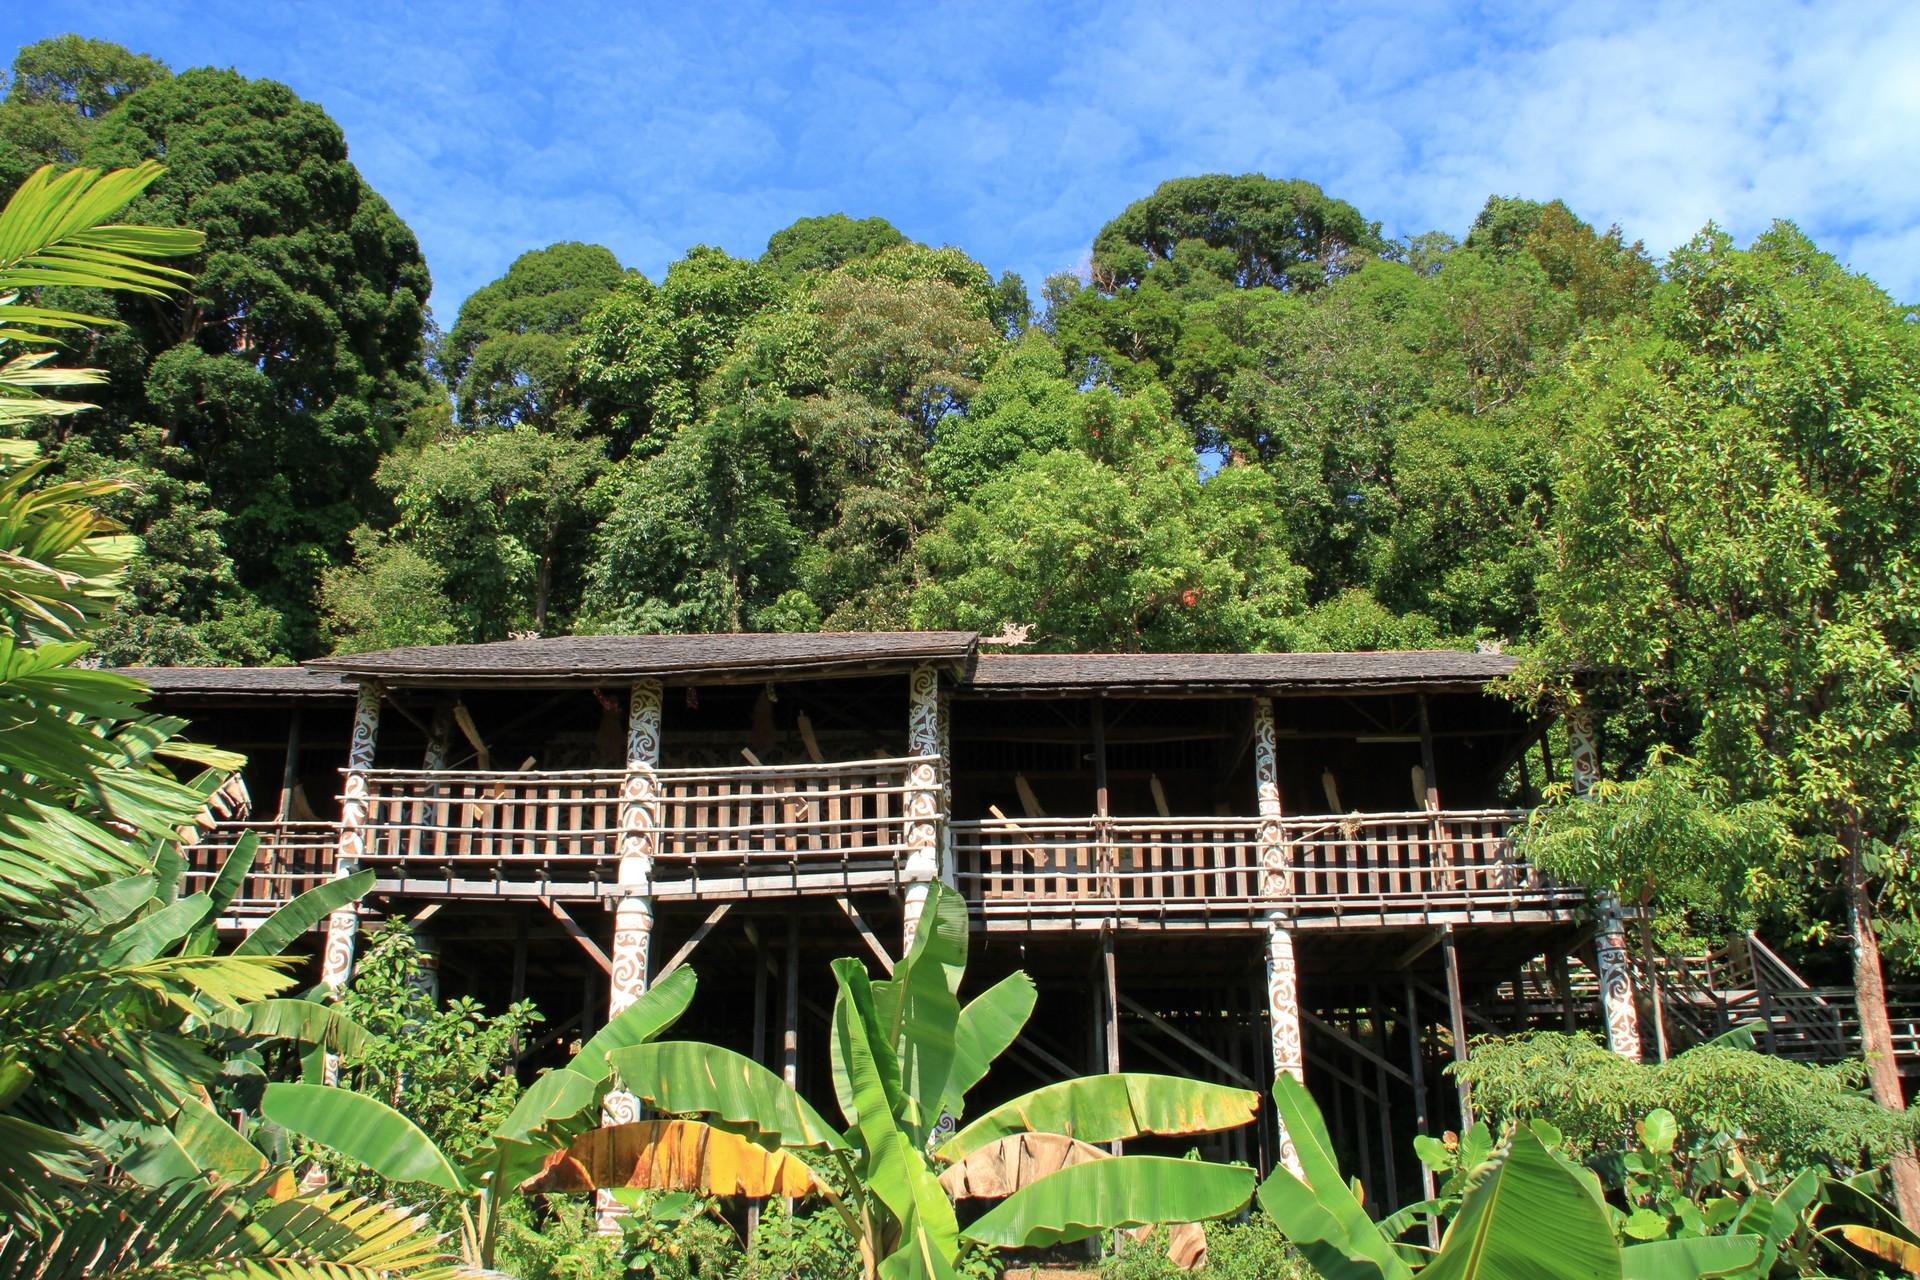 Borneo holidays: Iban longhouse